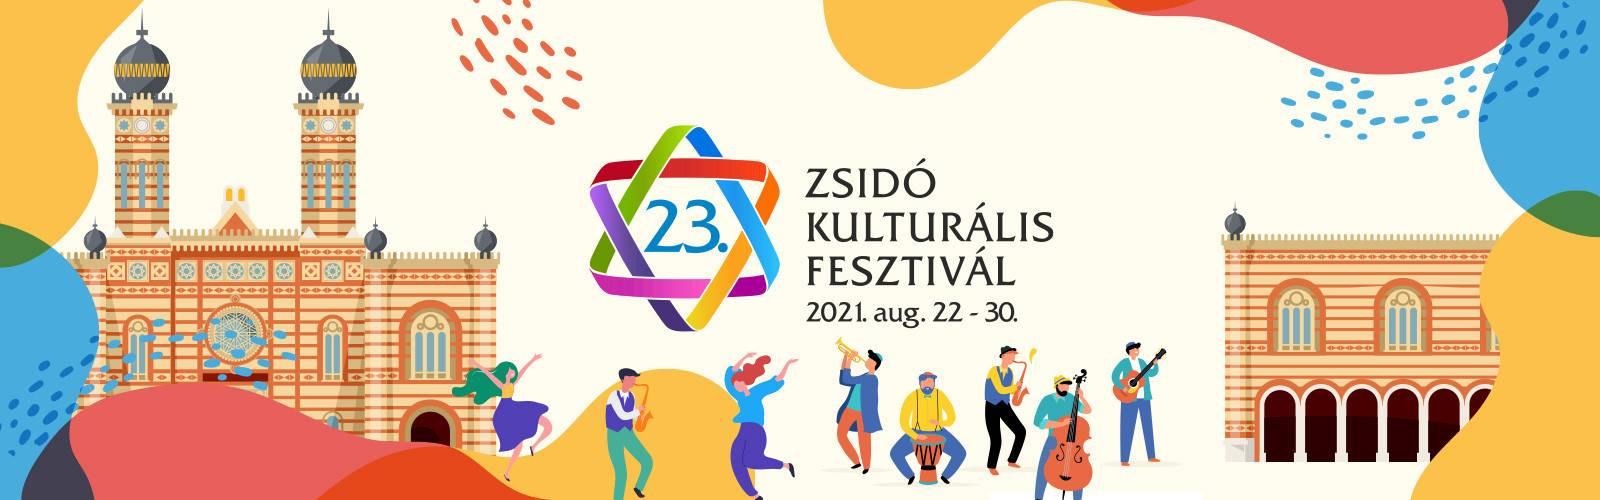 23. Zsidó Kulturális Fesztivál – Éljük át újra!